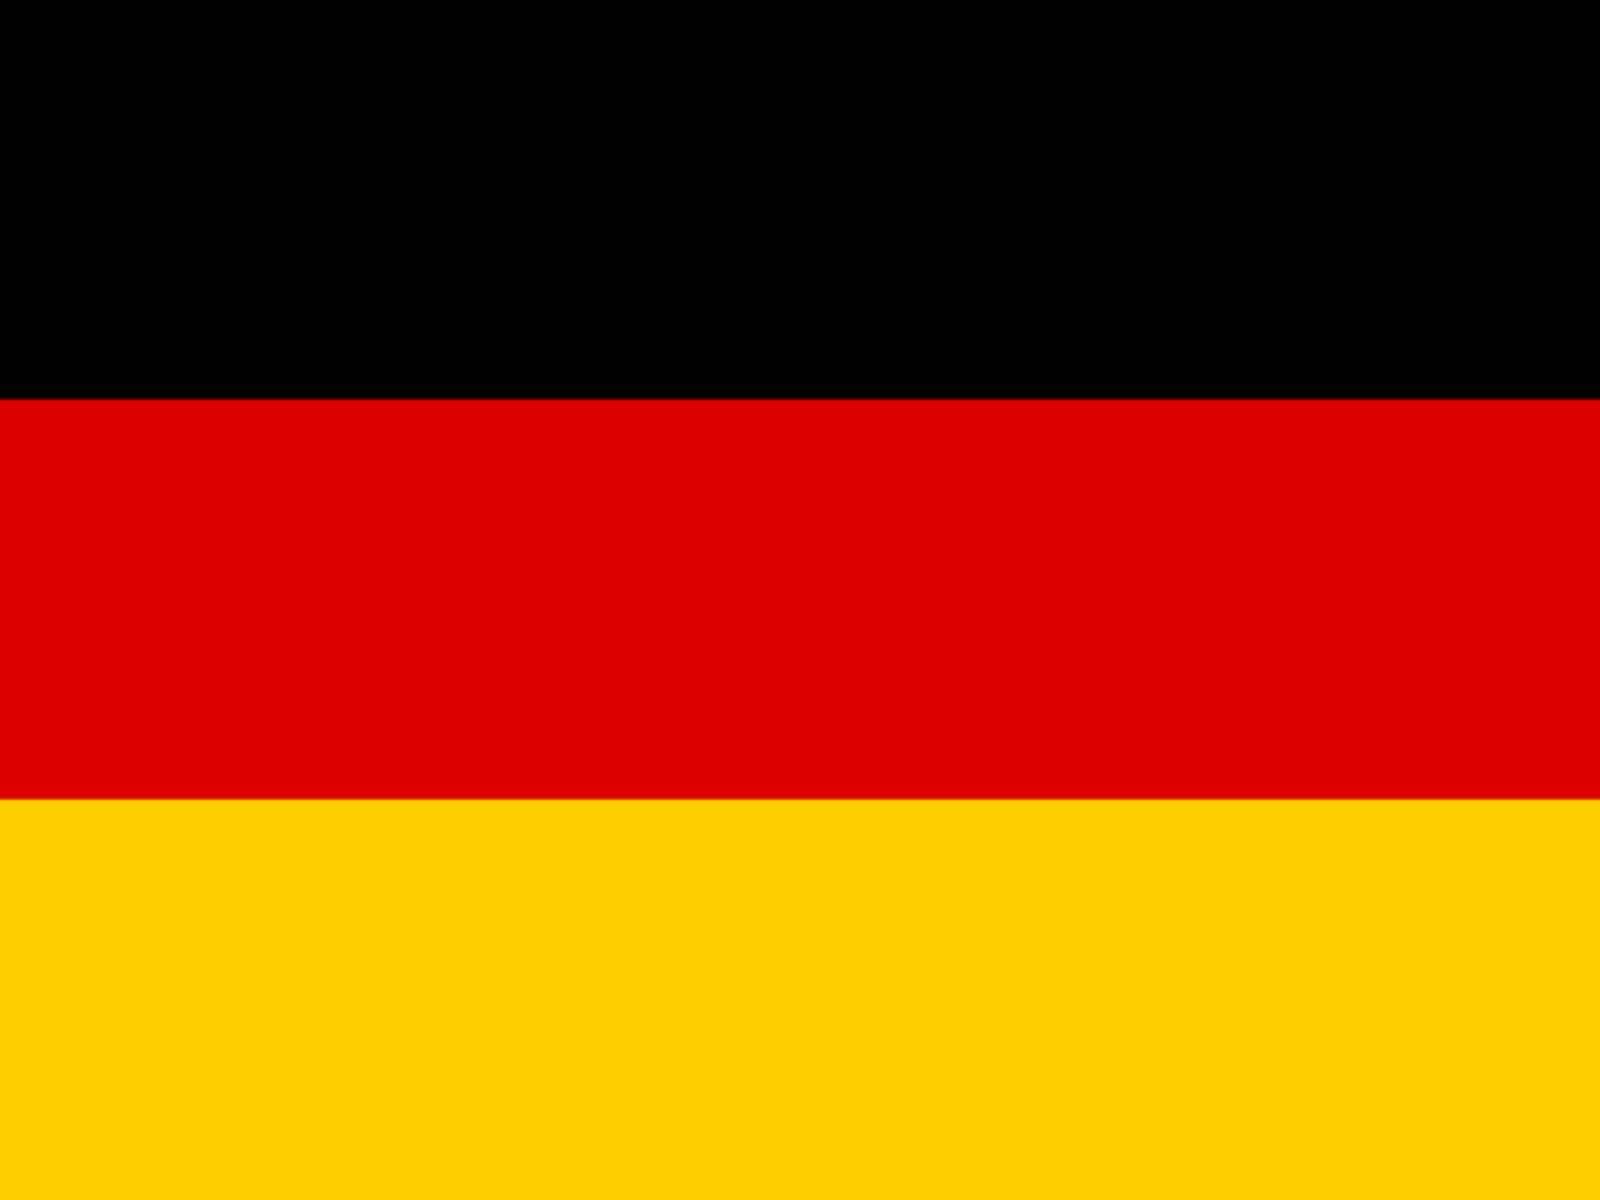 Flagge der BRD